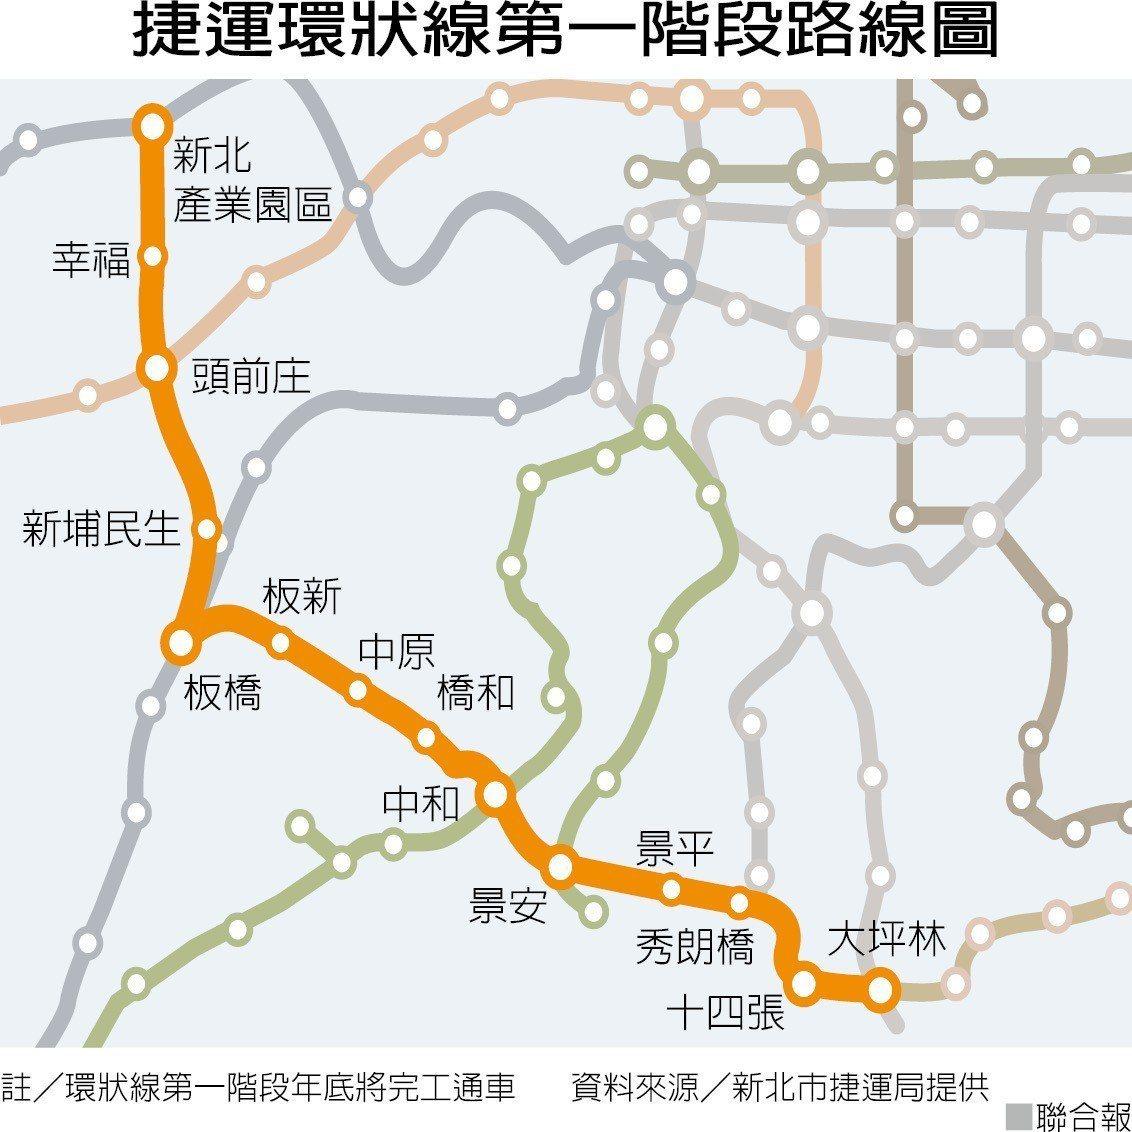 捷運環狀線第一階段路線圖 圖/聯合報提供